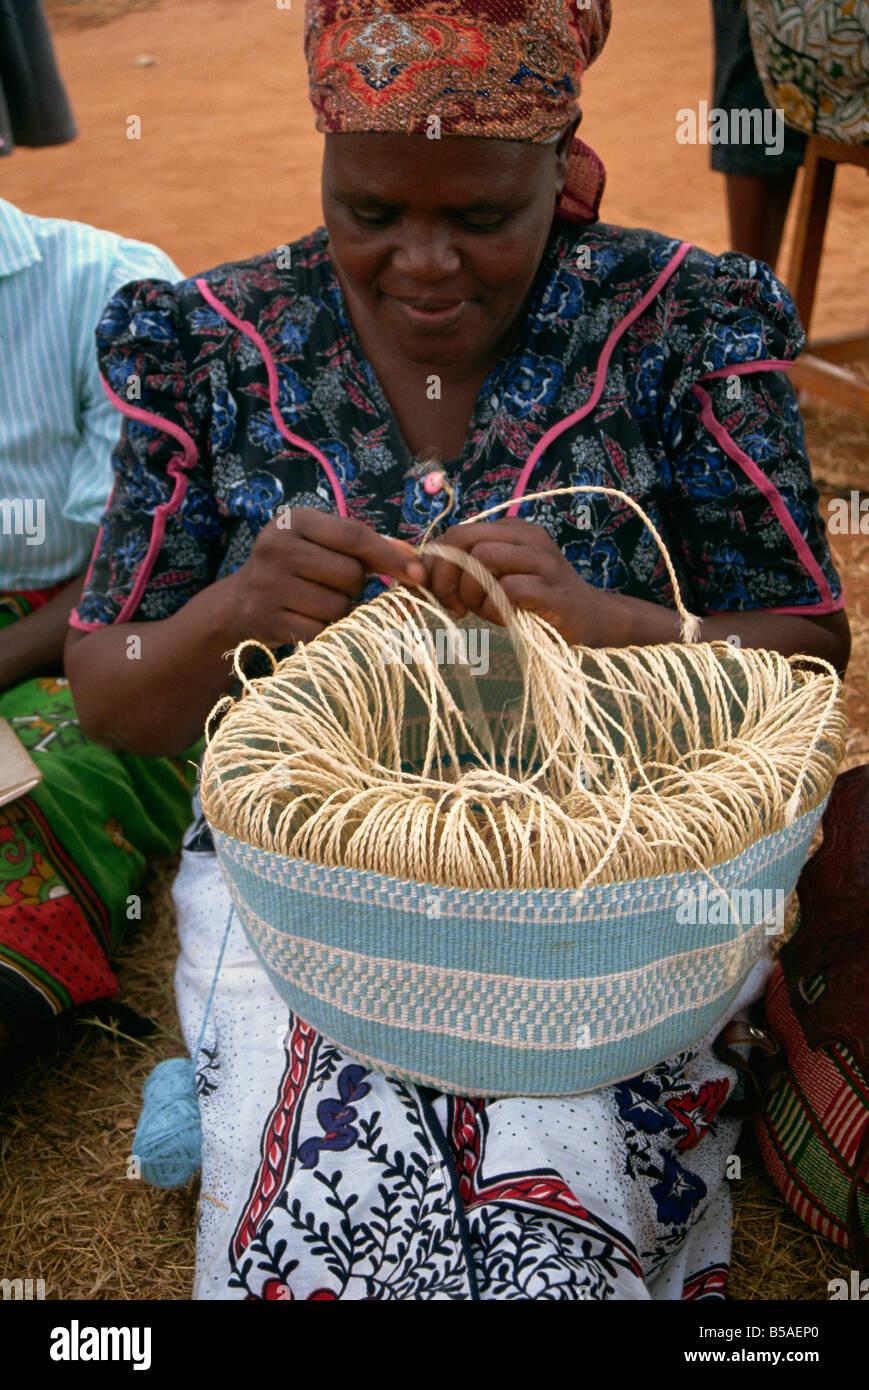 Must see African Traditional Basket - making-traditional-basket-kibwezi-kenya-east-africa-africa-B5AEP0  HD_617145.jpg